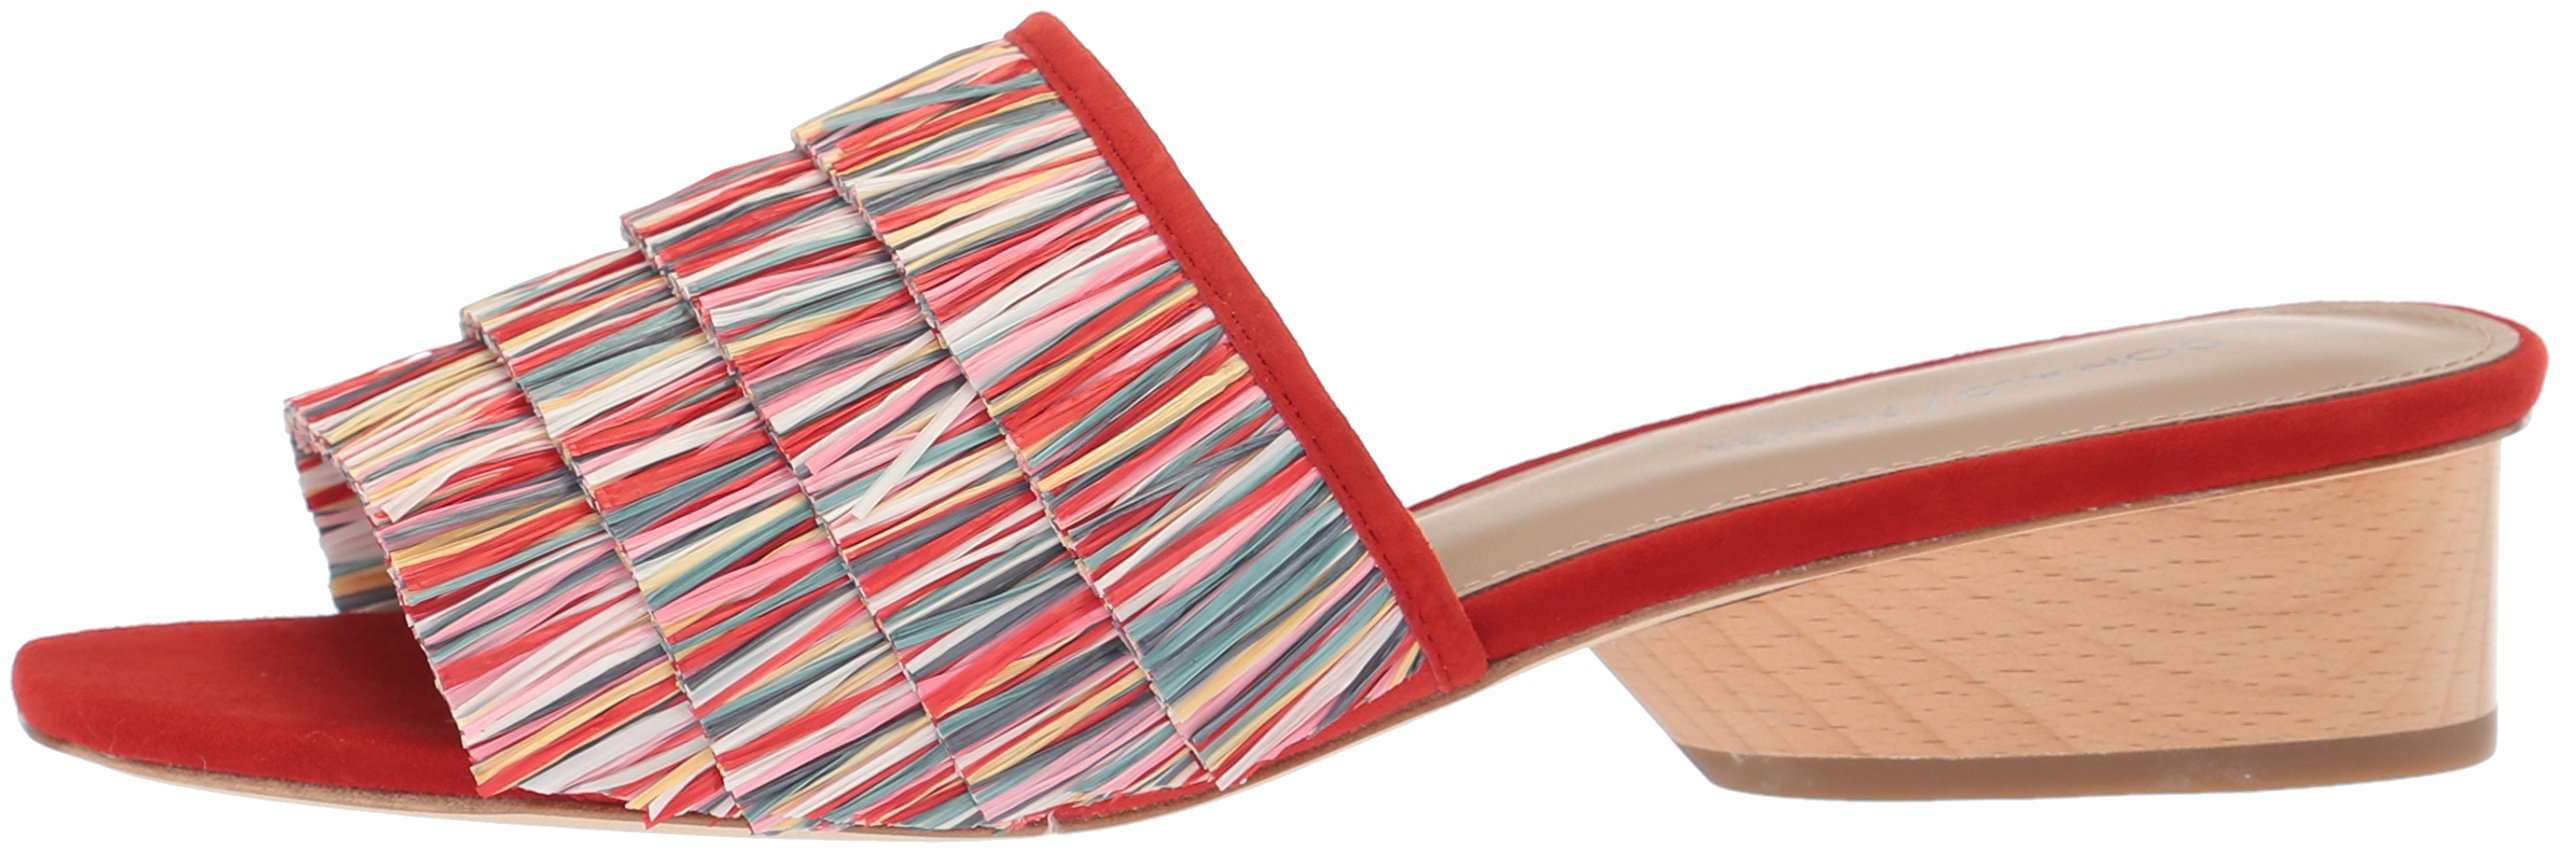 Donald J Pliner Women's Reise Slide Sandal, Red/Multi, 9 Medium US by Donald J Pliner (Image #5)